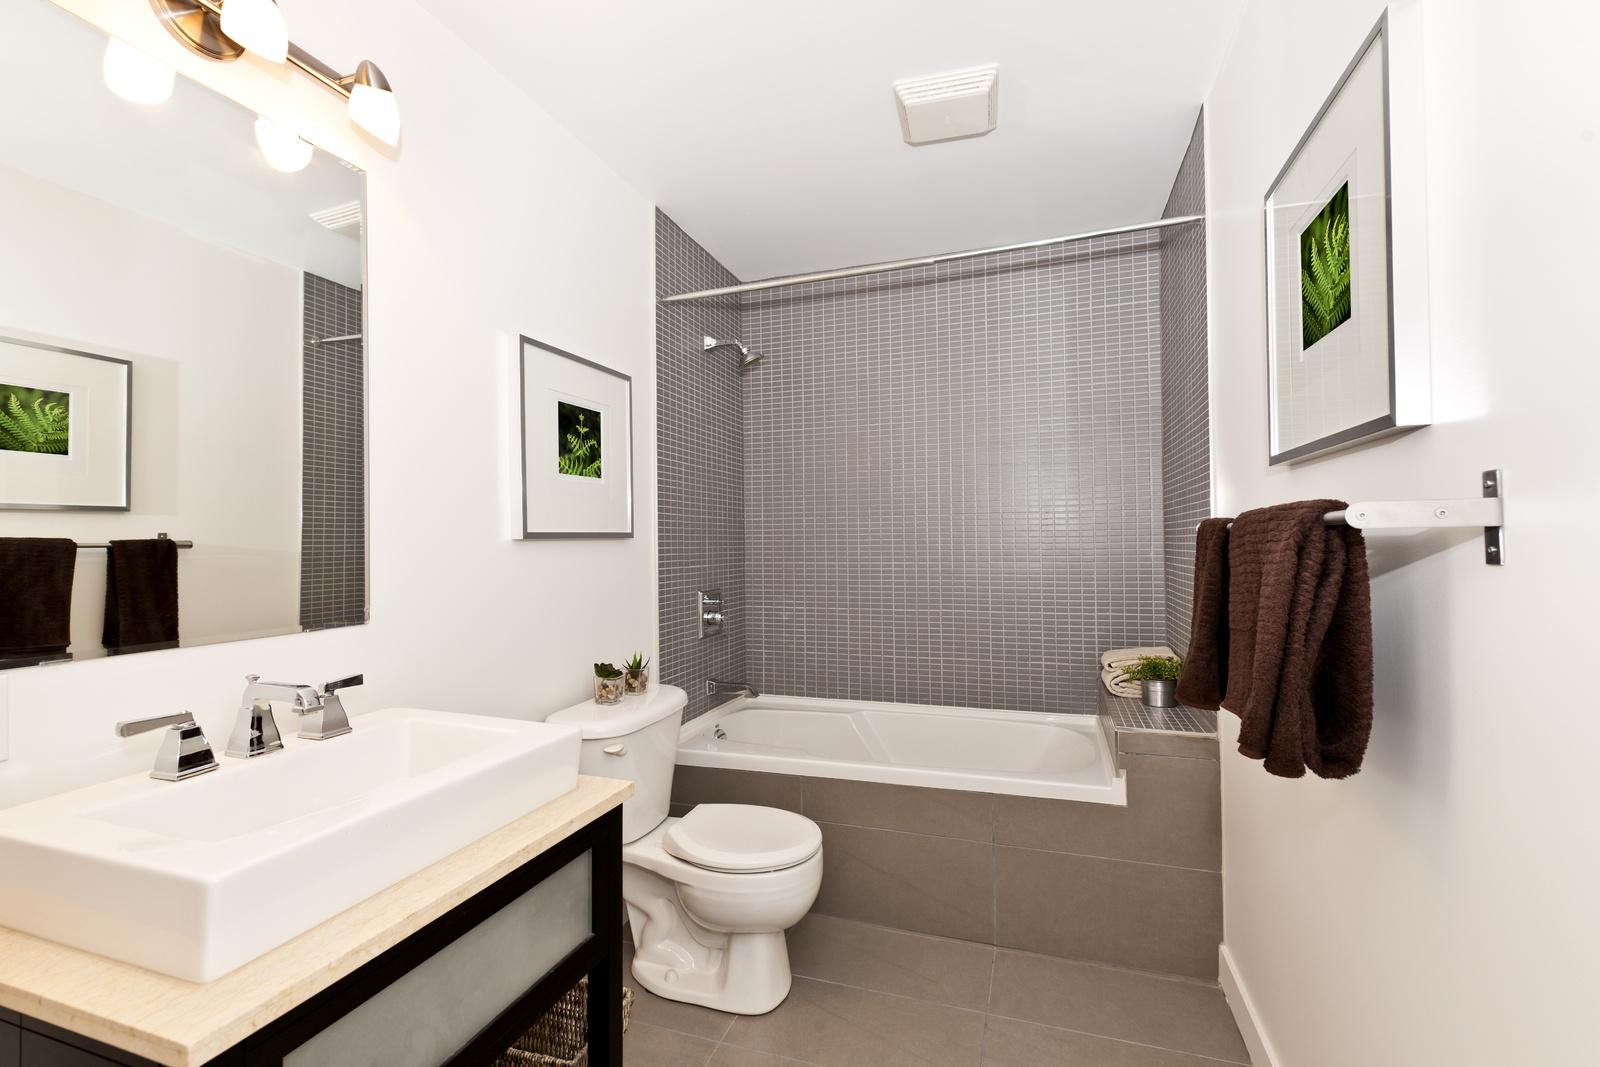 Badkamer Sanitair Belgie : Sanitair loodgieterij ternat lekkende kraan leidingen